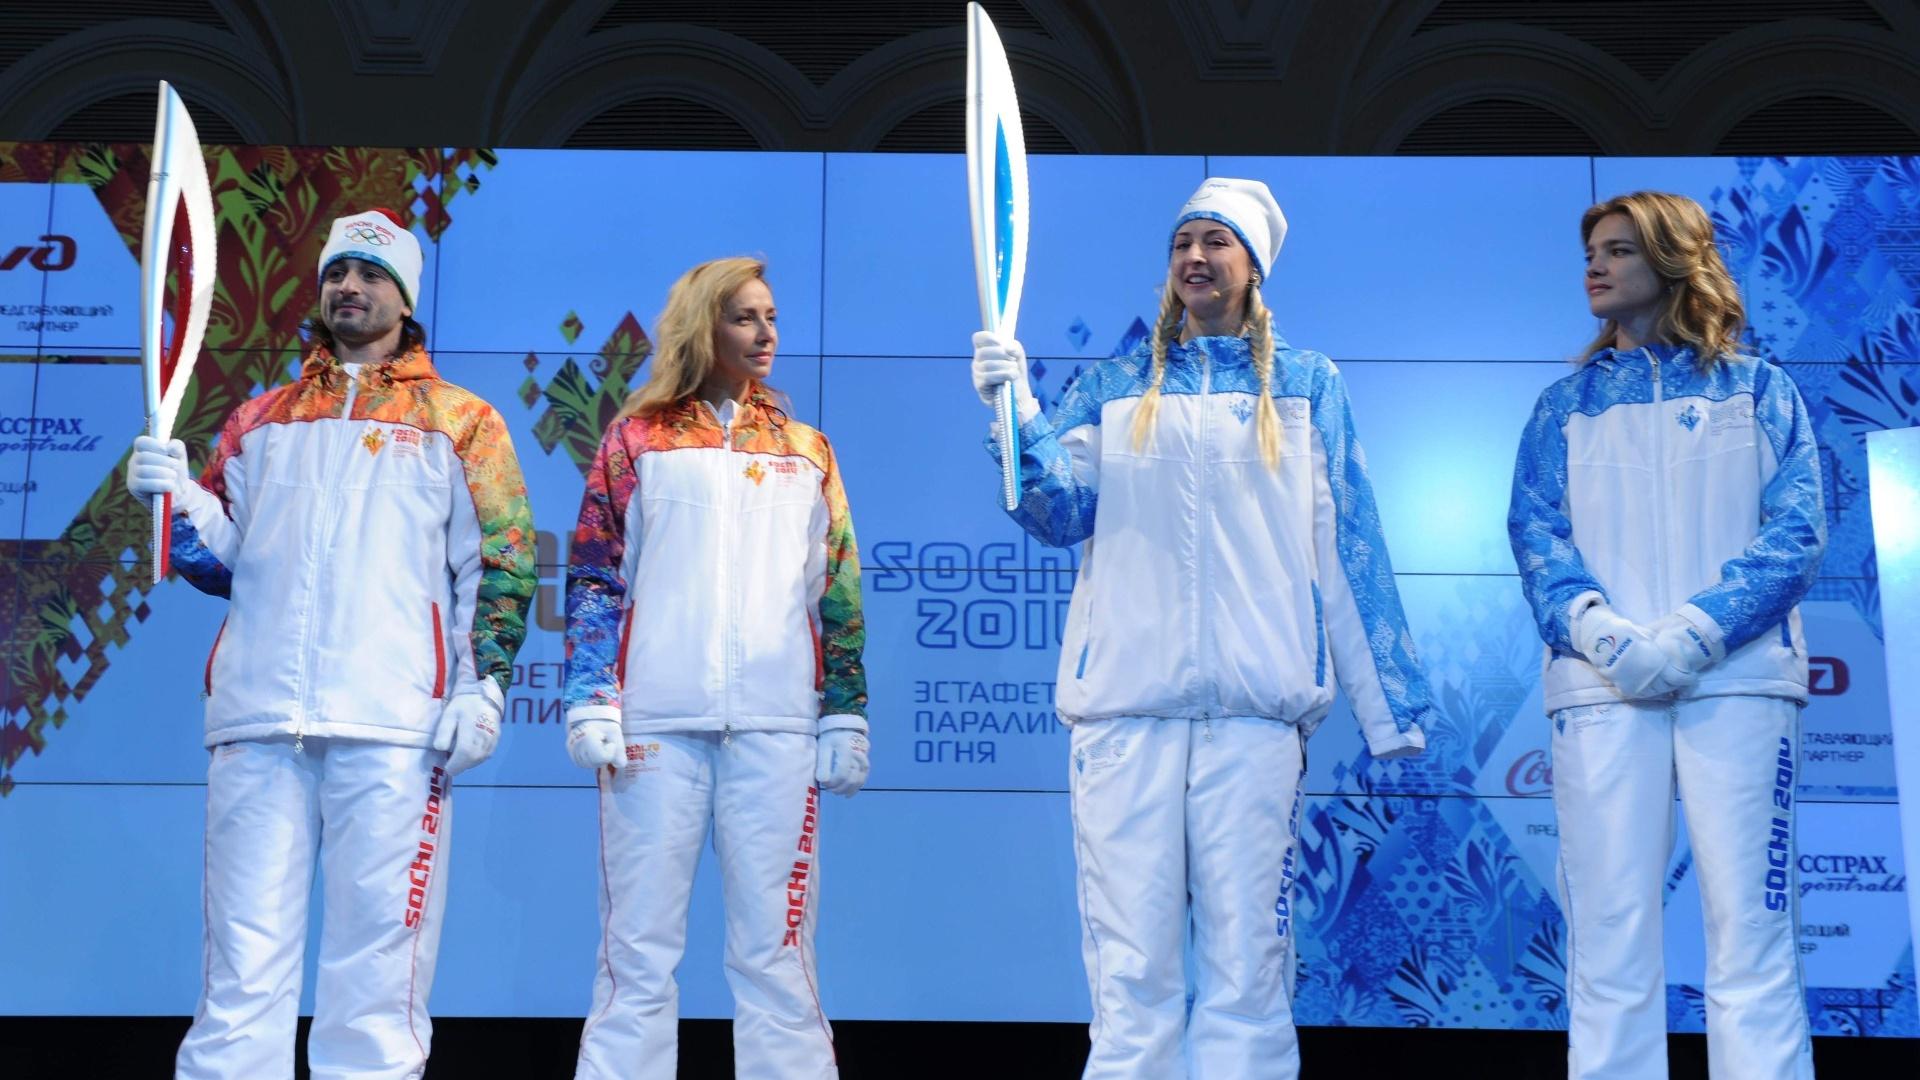 14.jan.2013 - Embaixadores dos Jogos Olímpicos e Paraolímpicos de Inverno mostram as tochas que serão utilizadas no revezamento de Sochi-2014. O evento desta segunda-feira também apresentou os uniformes que serão usados pelas personalidades que carregarão as tochas